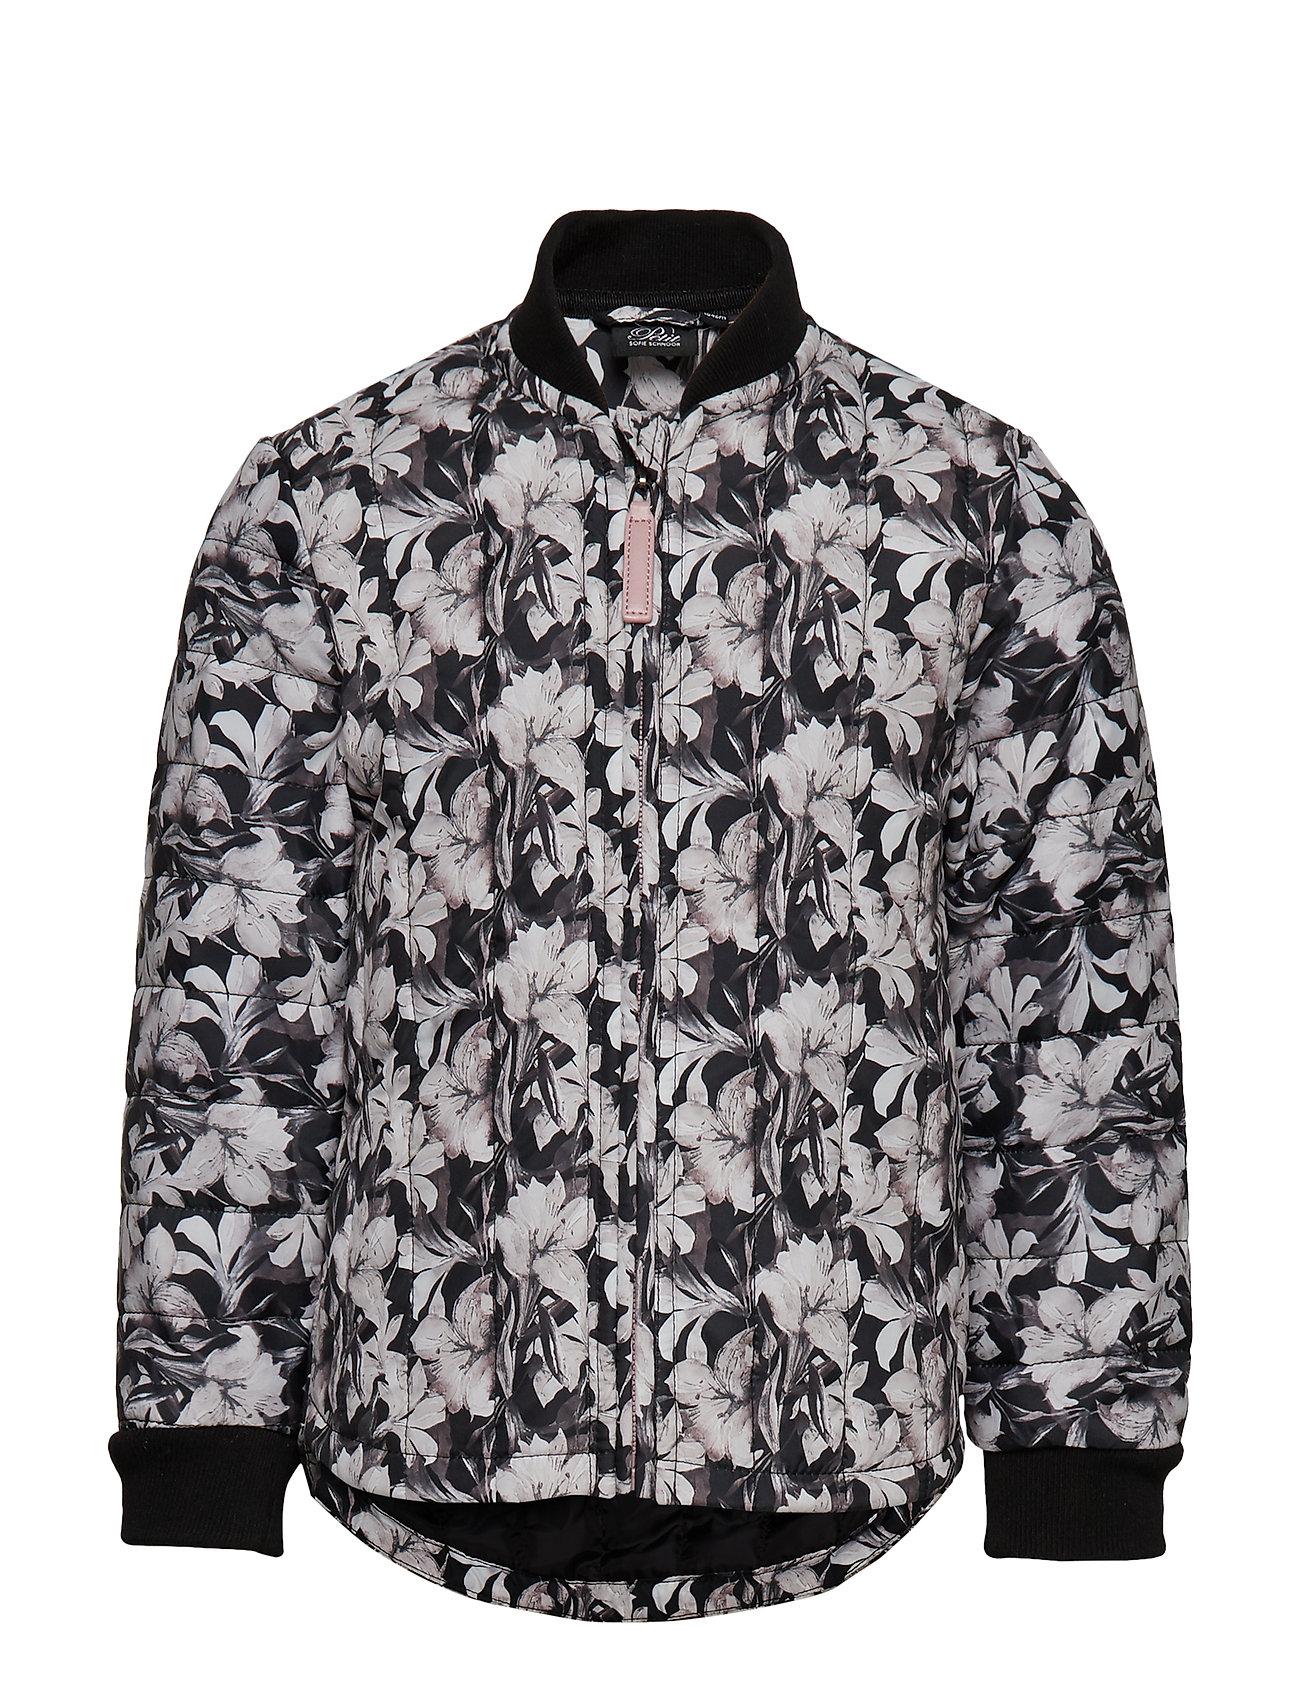 Petit by Sofie Schnoor Thermal jacket - BLK FLOWER